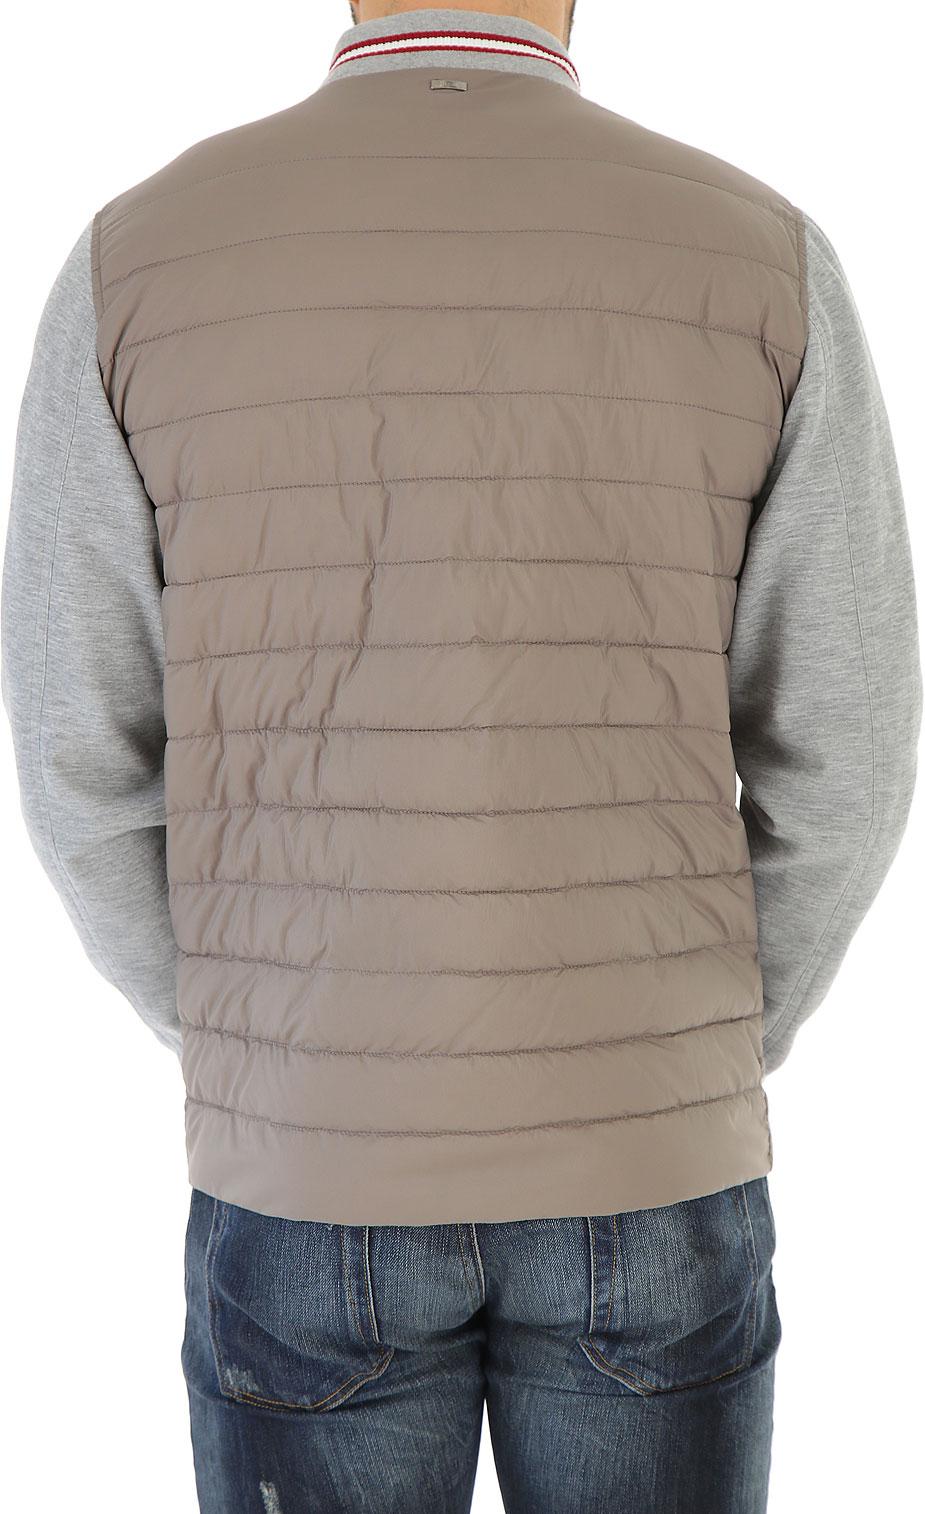 pc0064u Uomo Herno Abbigliamento 19288 Abbigliamento 2750 Uomo Codice Articolo cwqqn6t7vC